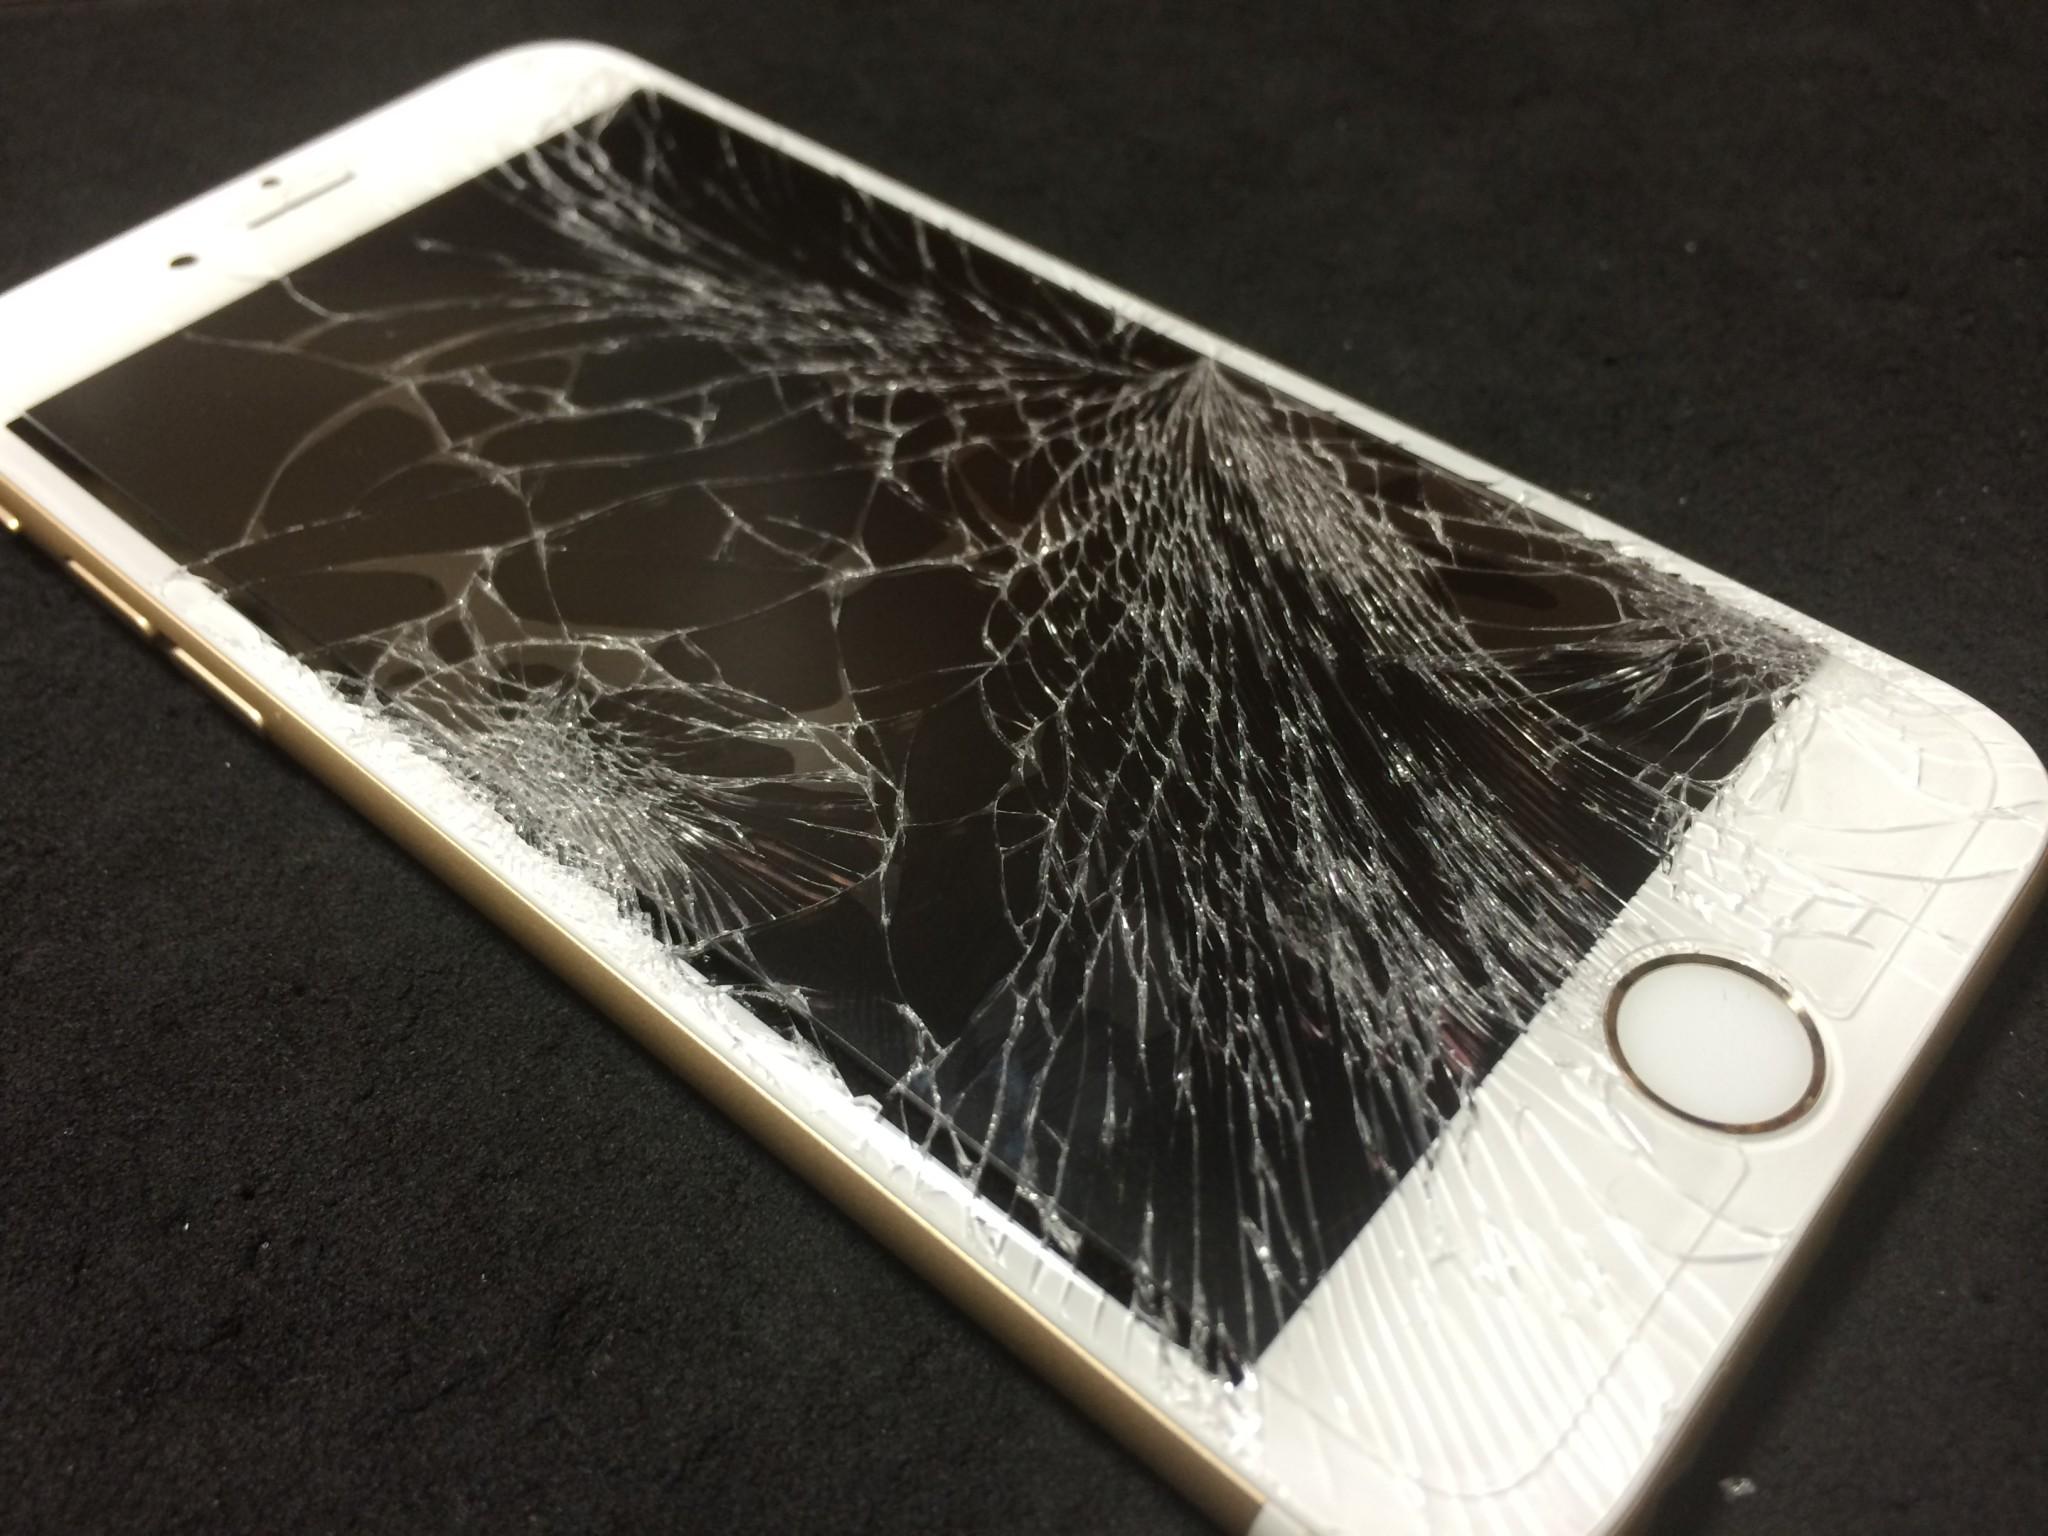 2befd96a45b5deb4b99602da8ba8121a 【iphone7】画面交換最短20分~お渡し可能です!